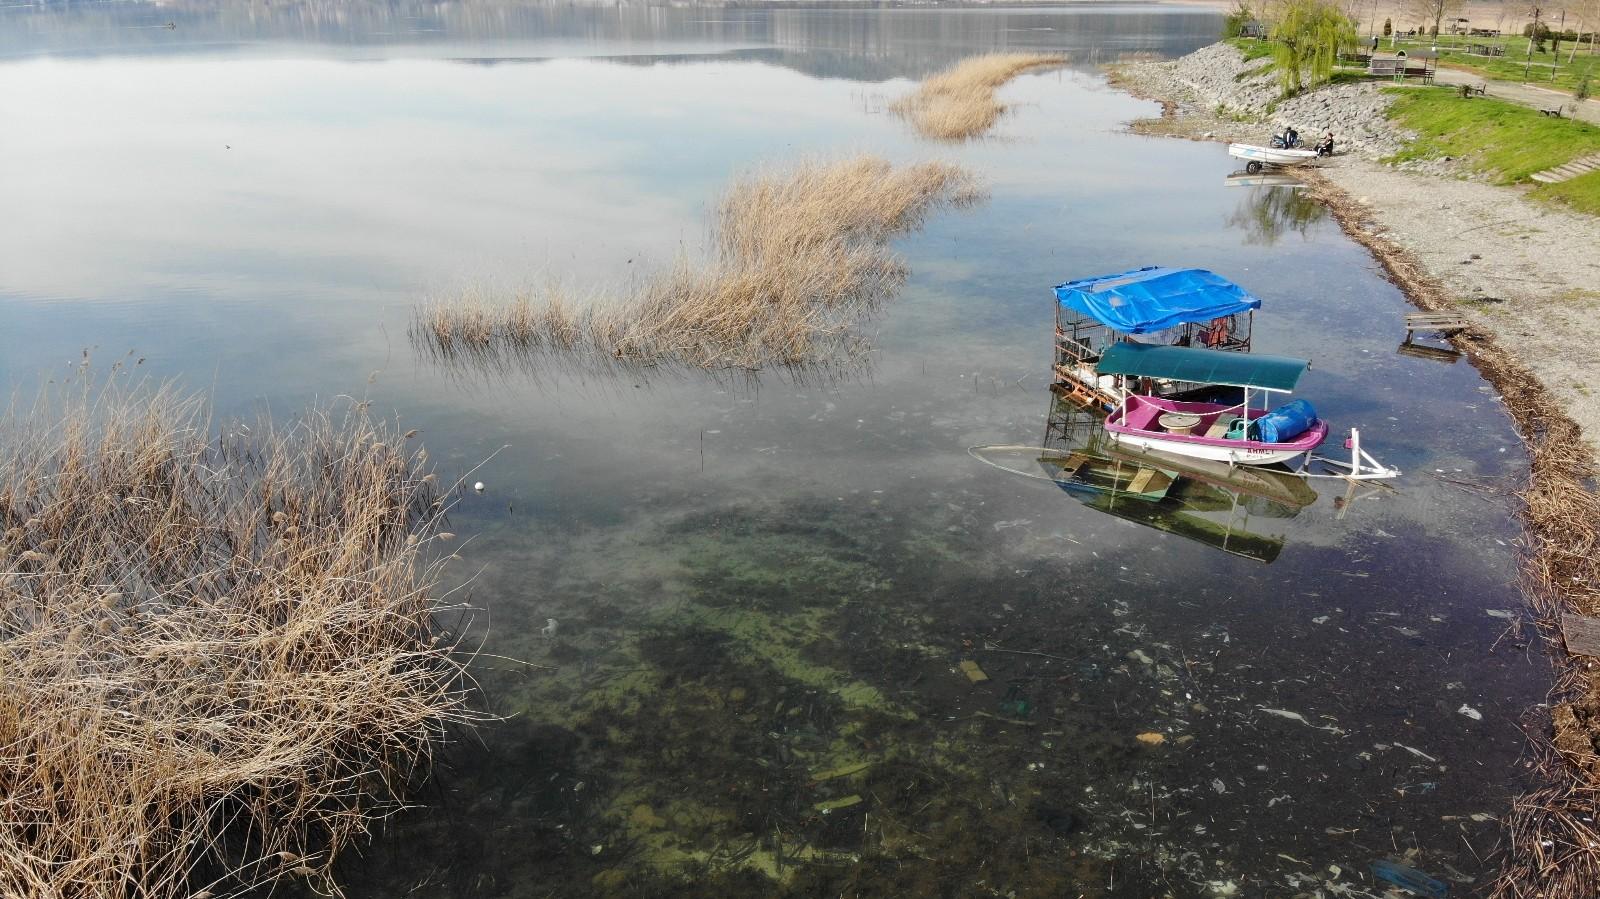 Karın erimesiyle su seviyesi artan Sapanca Gölü'nde karaya oturan kayık sular altında kaldı